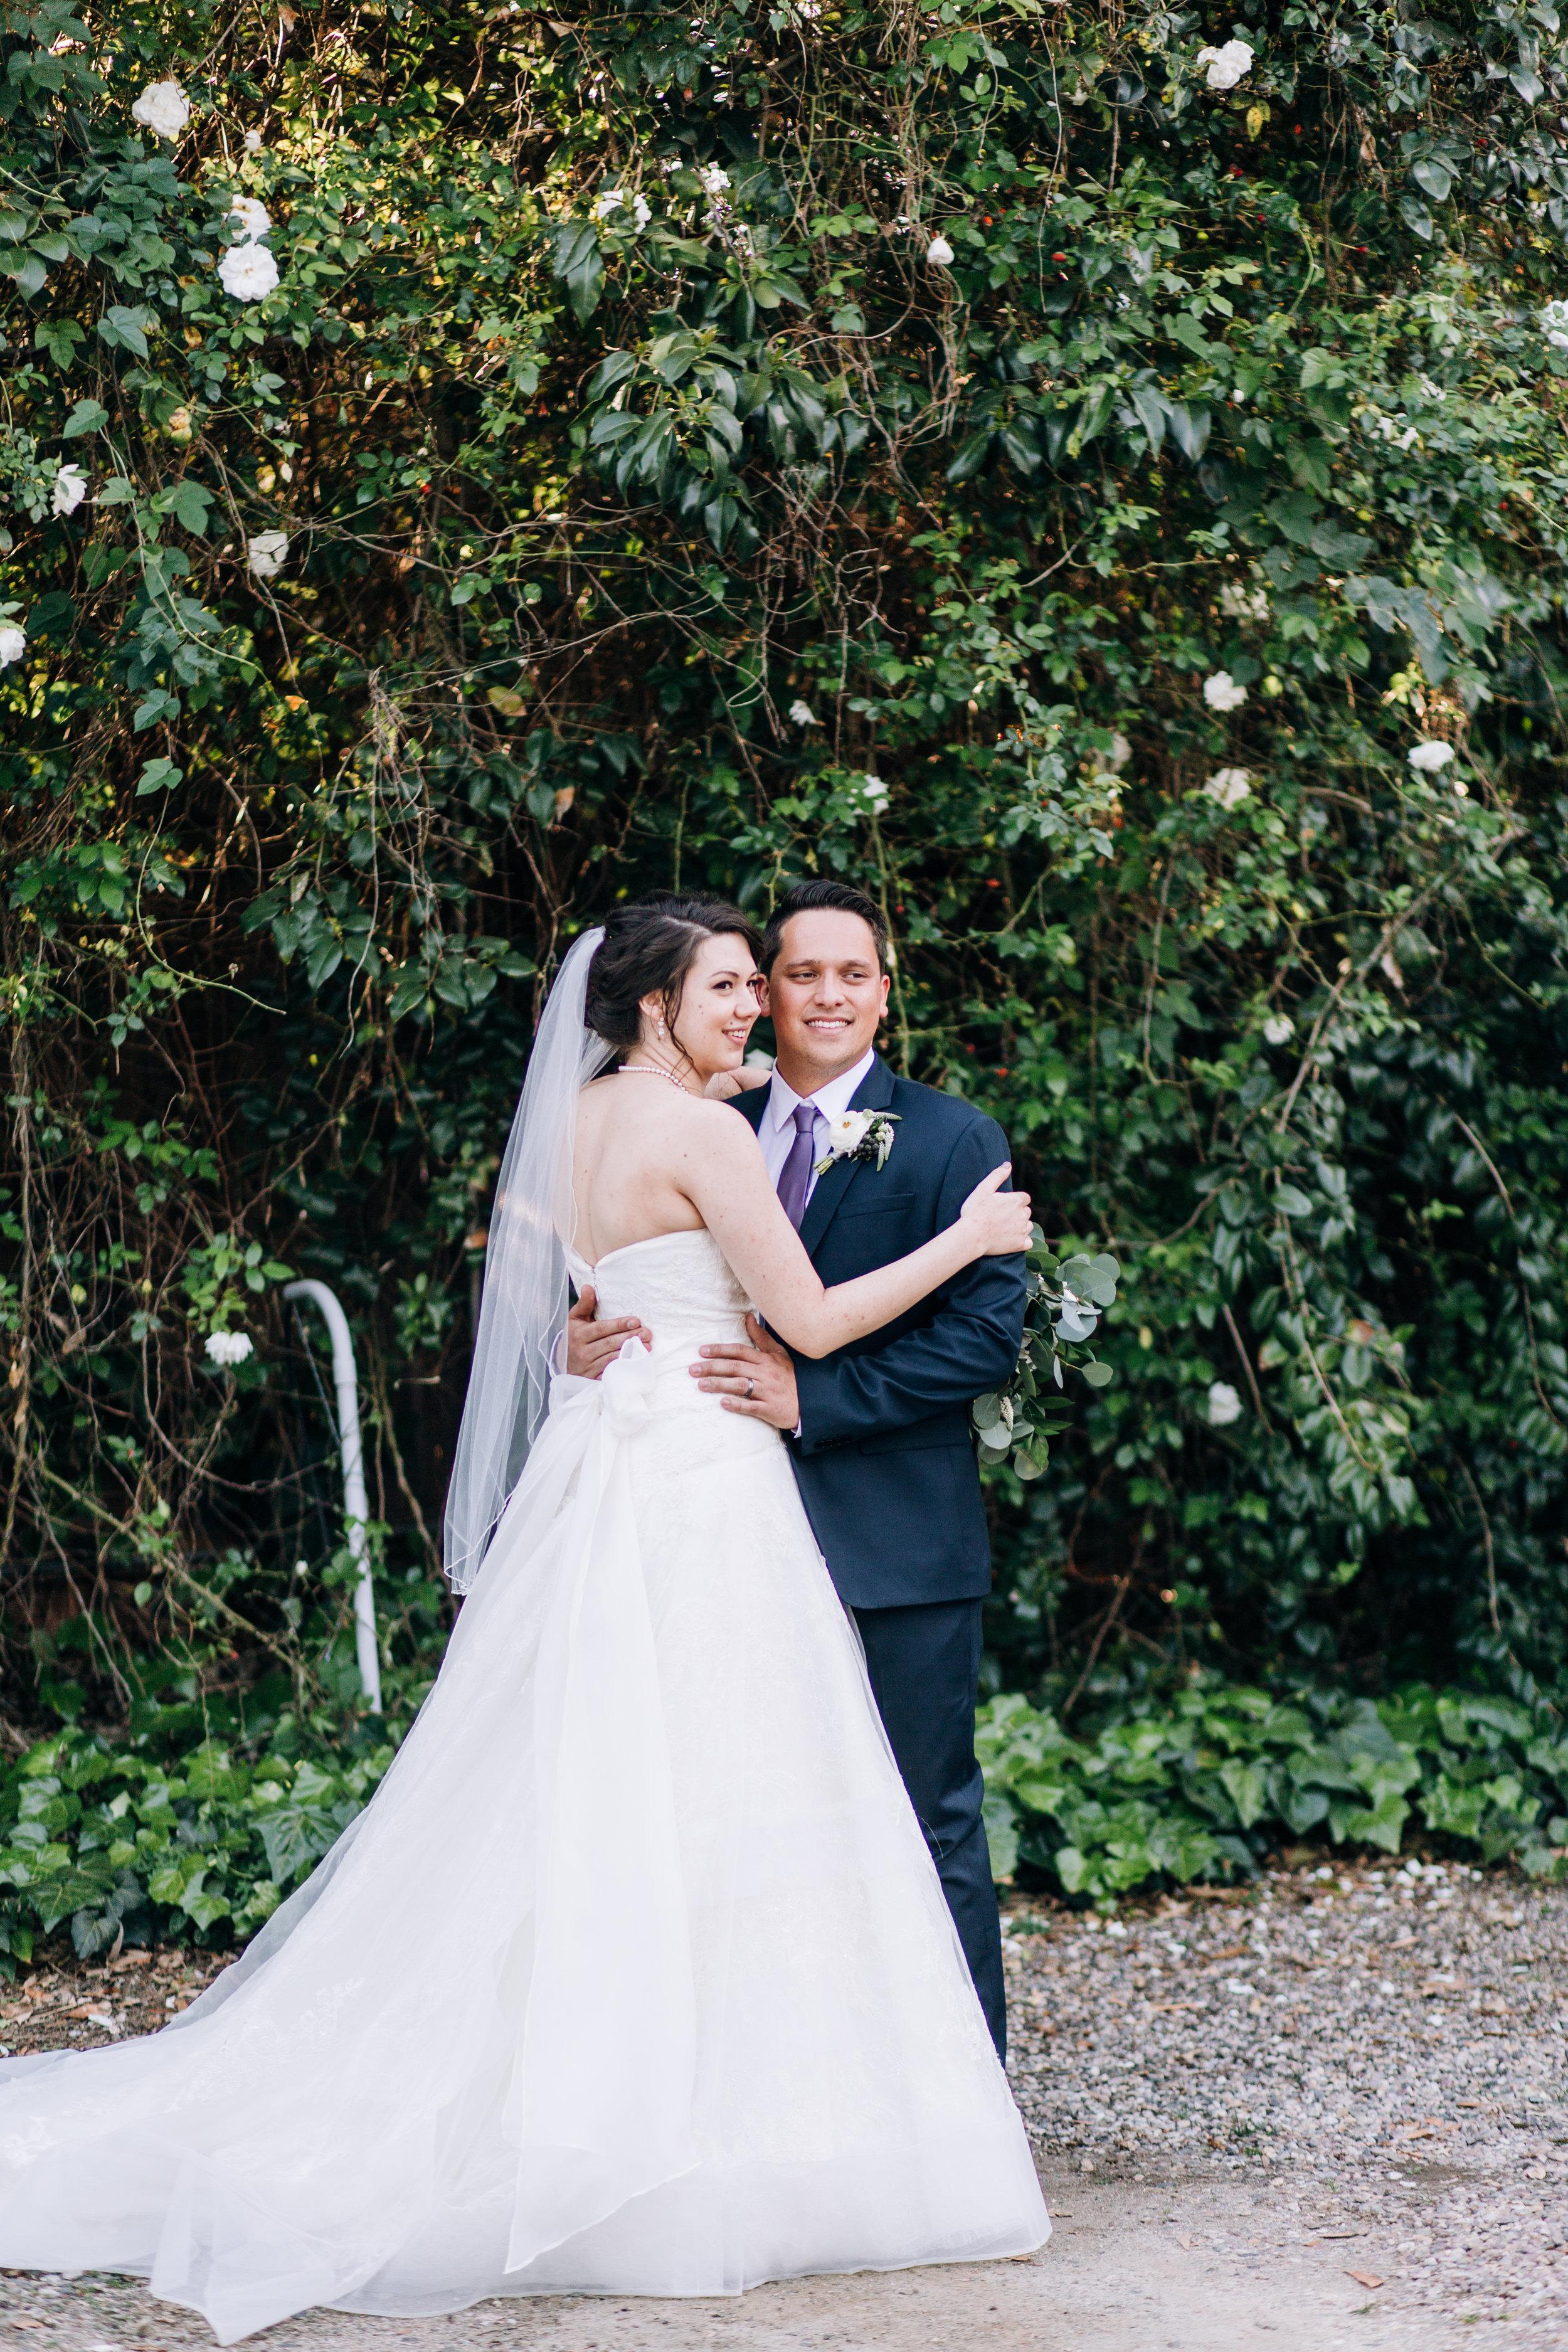 KaraNixonWeddings-SanMarcos-Wedding-65.jpg